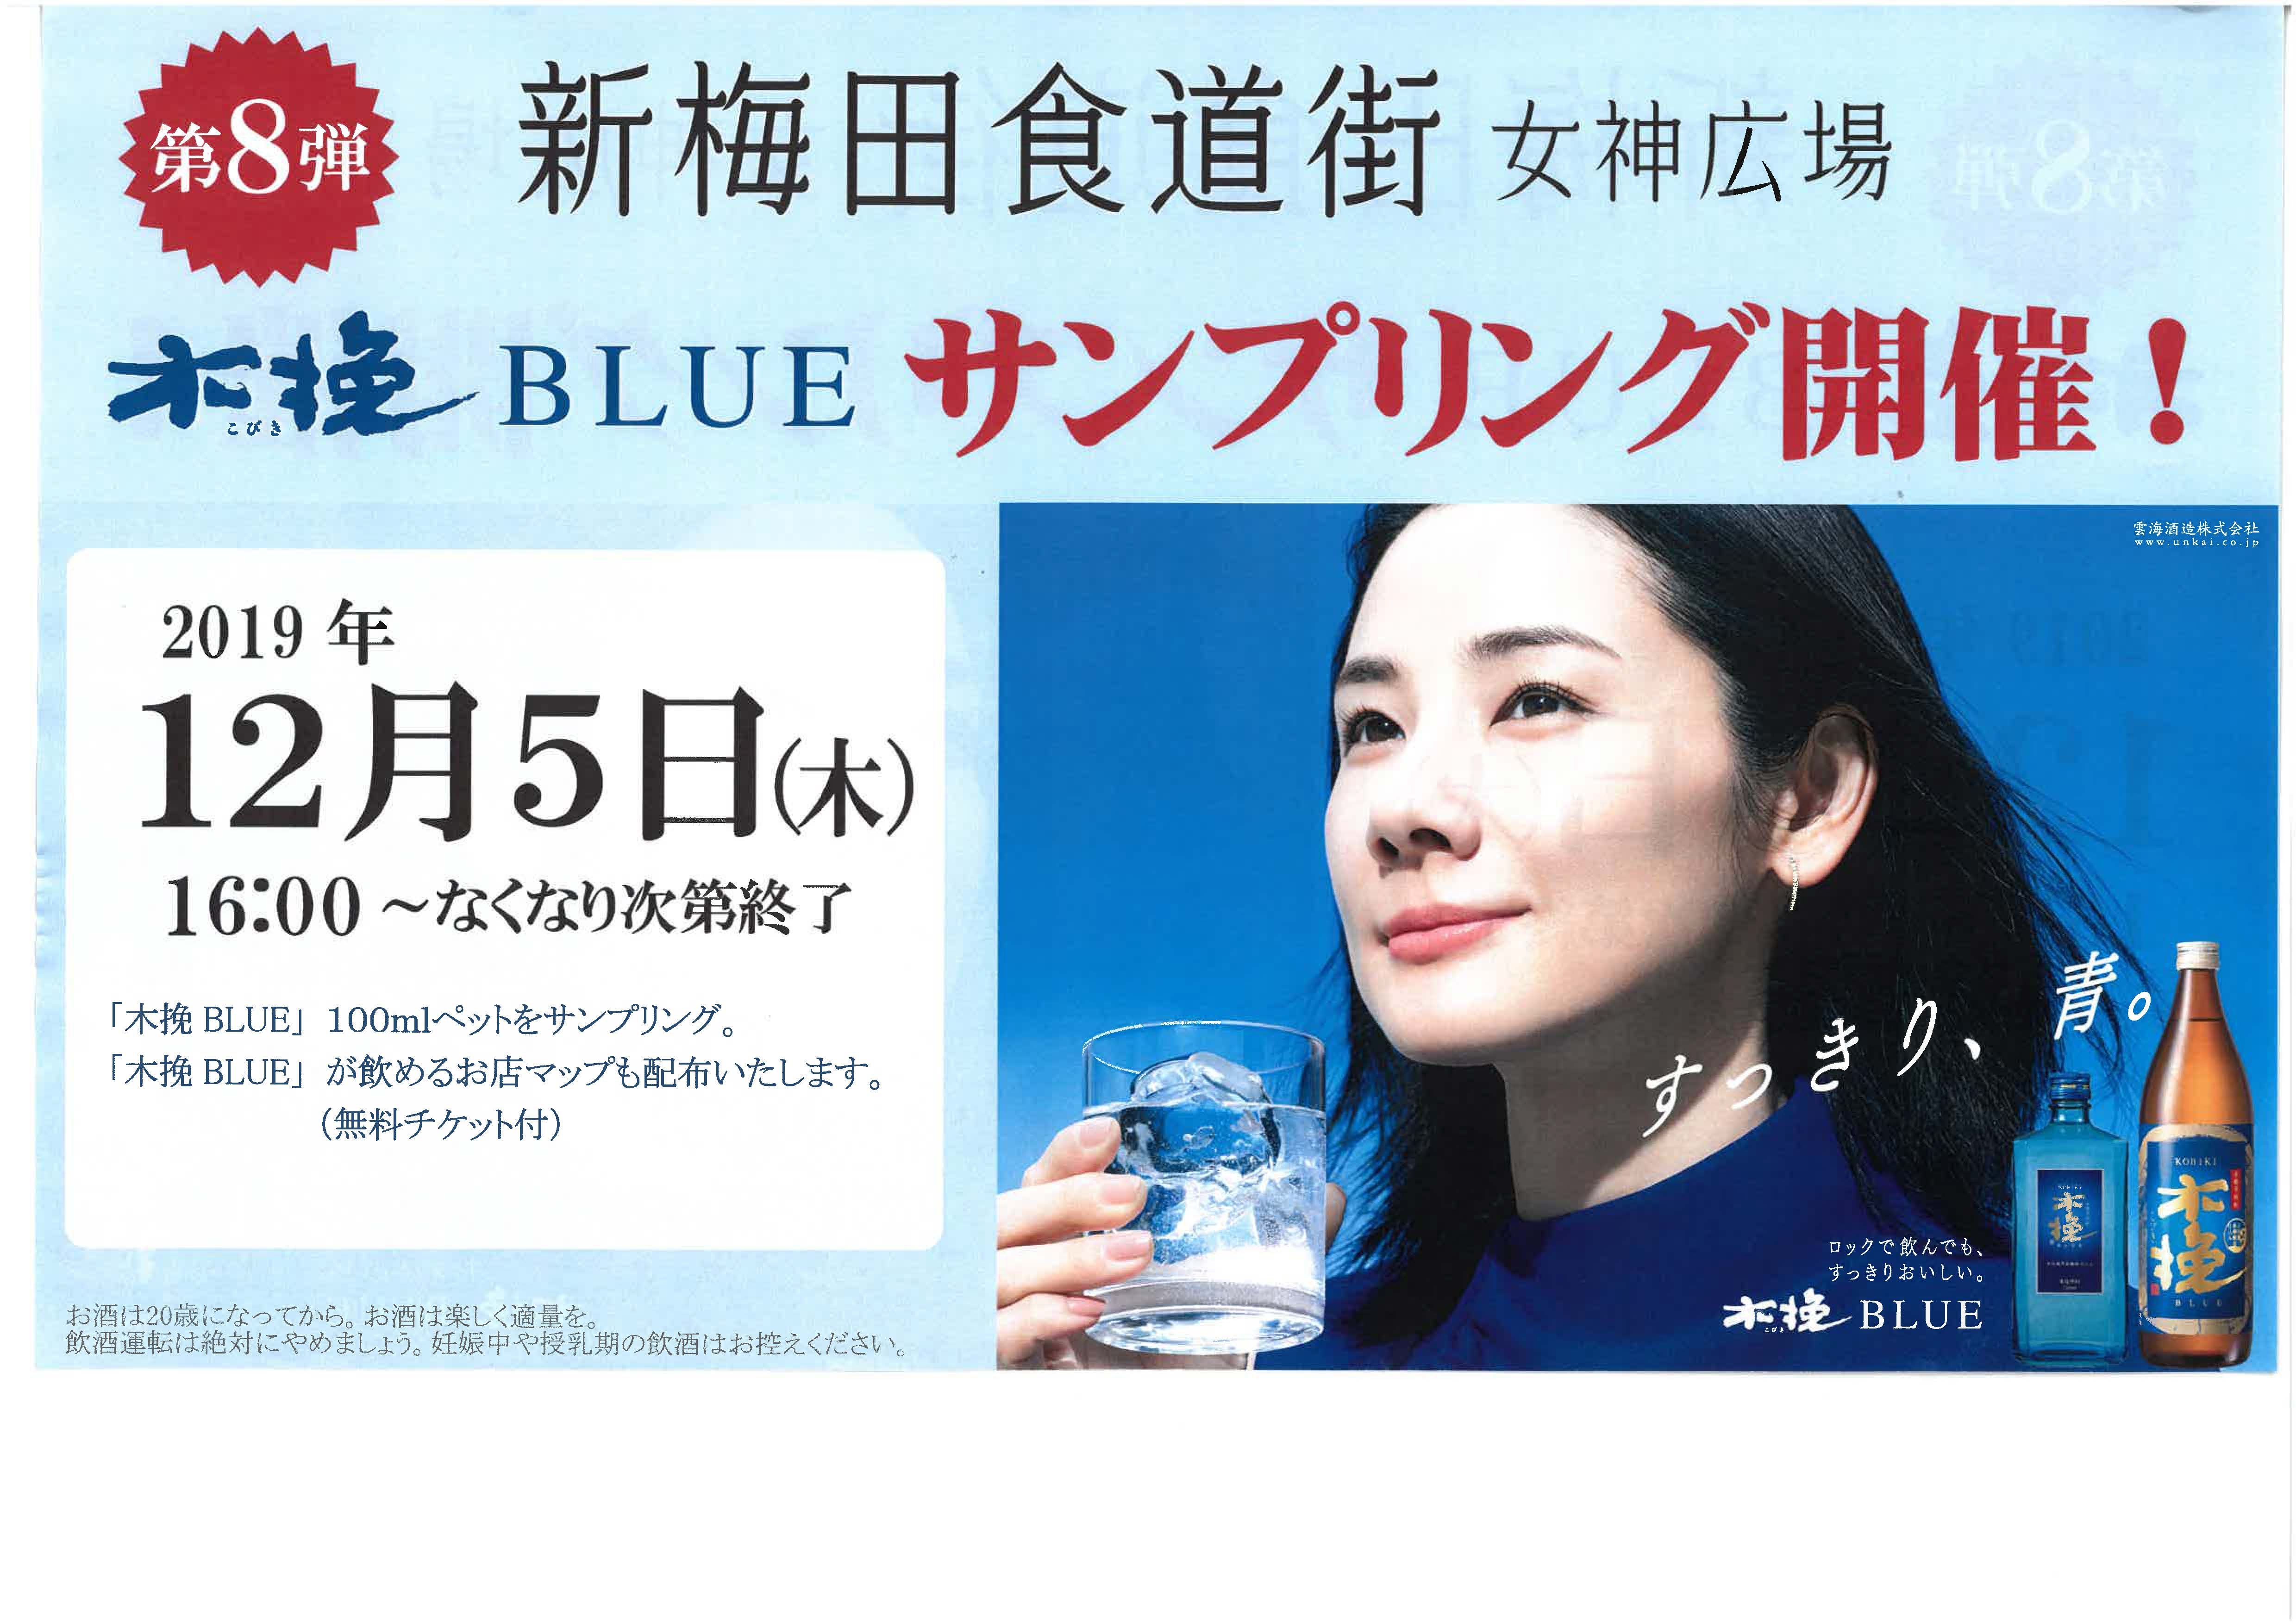 第8弾 雲海酒造「木挽BLUE」サンプリングは終了いたしました。ありがとうございました。